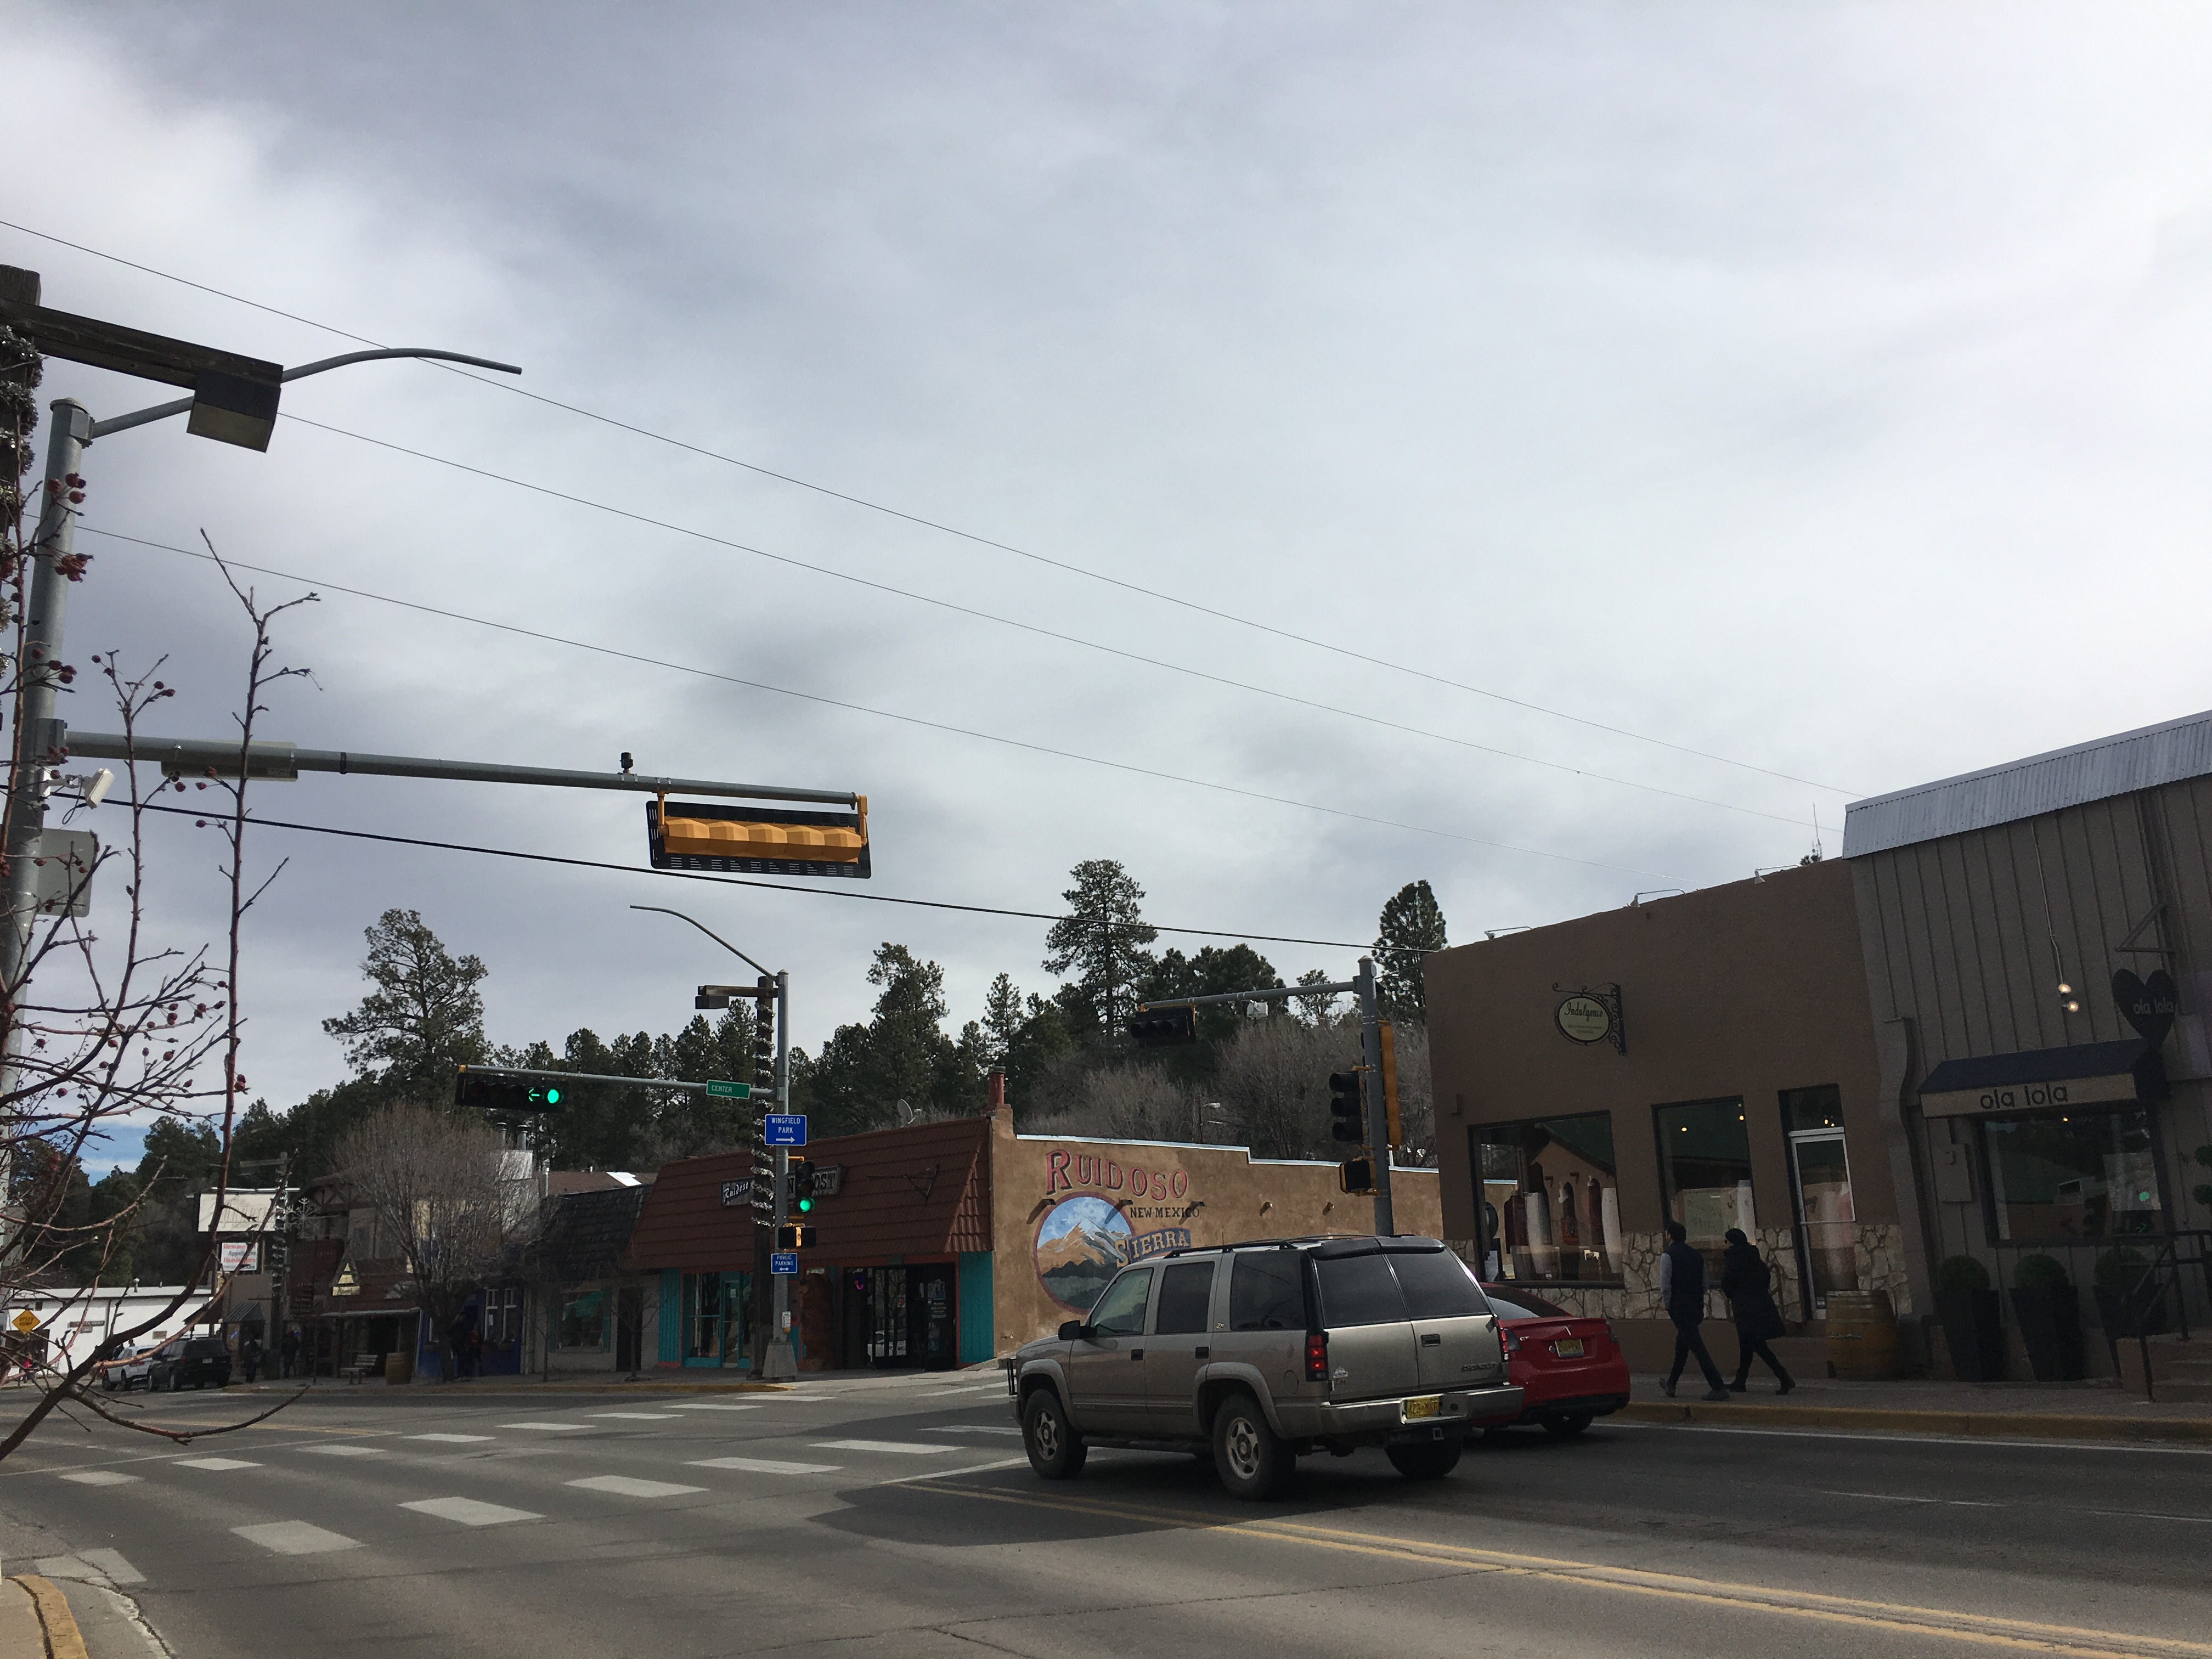 Ruidoso, NM | Ross and Jamie Adventure